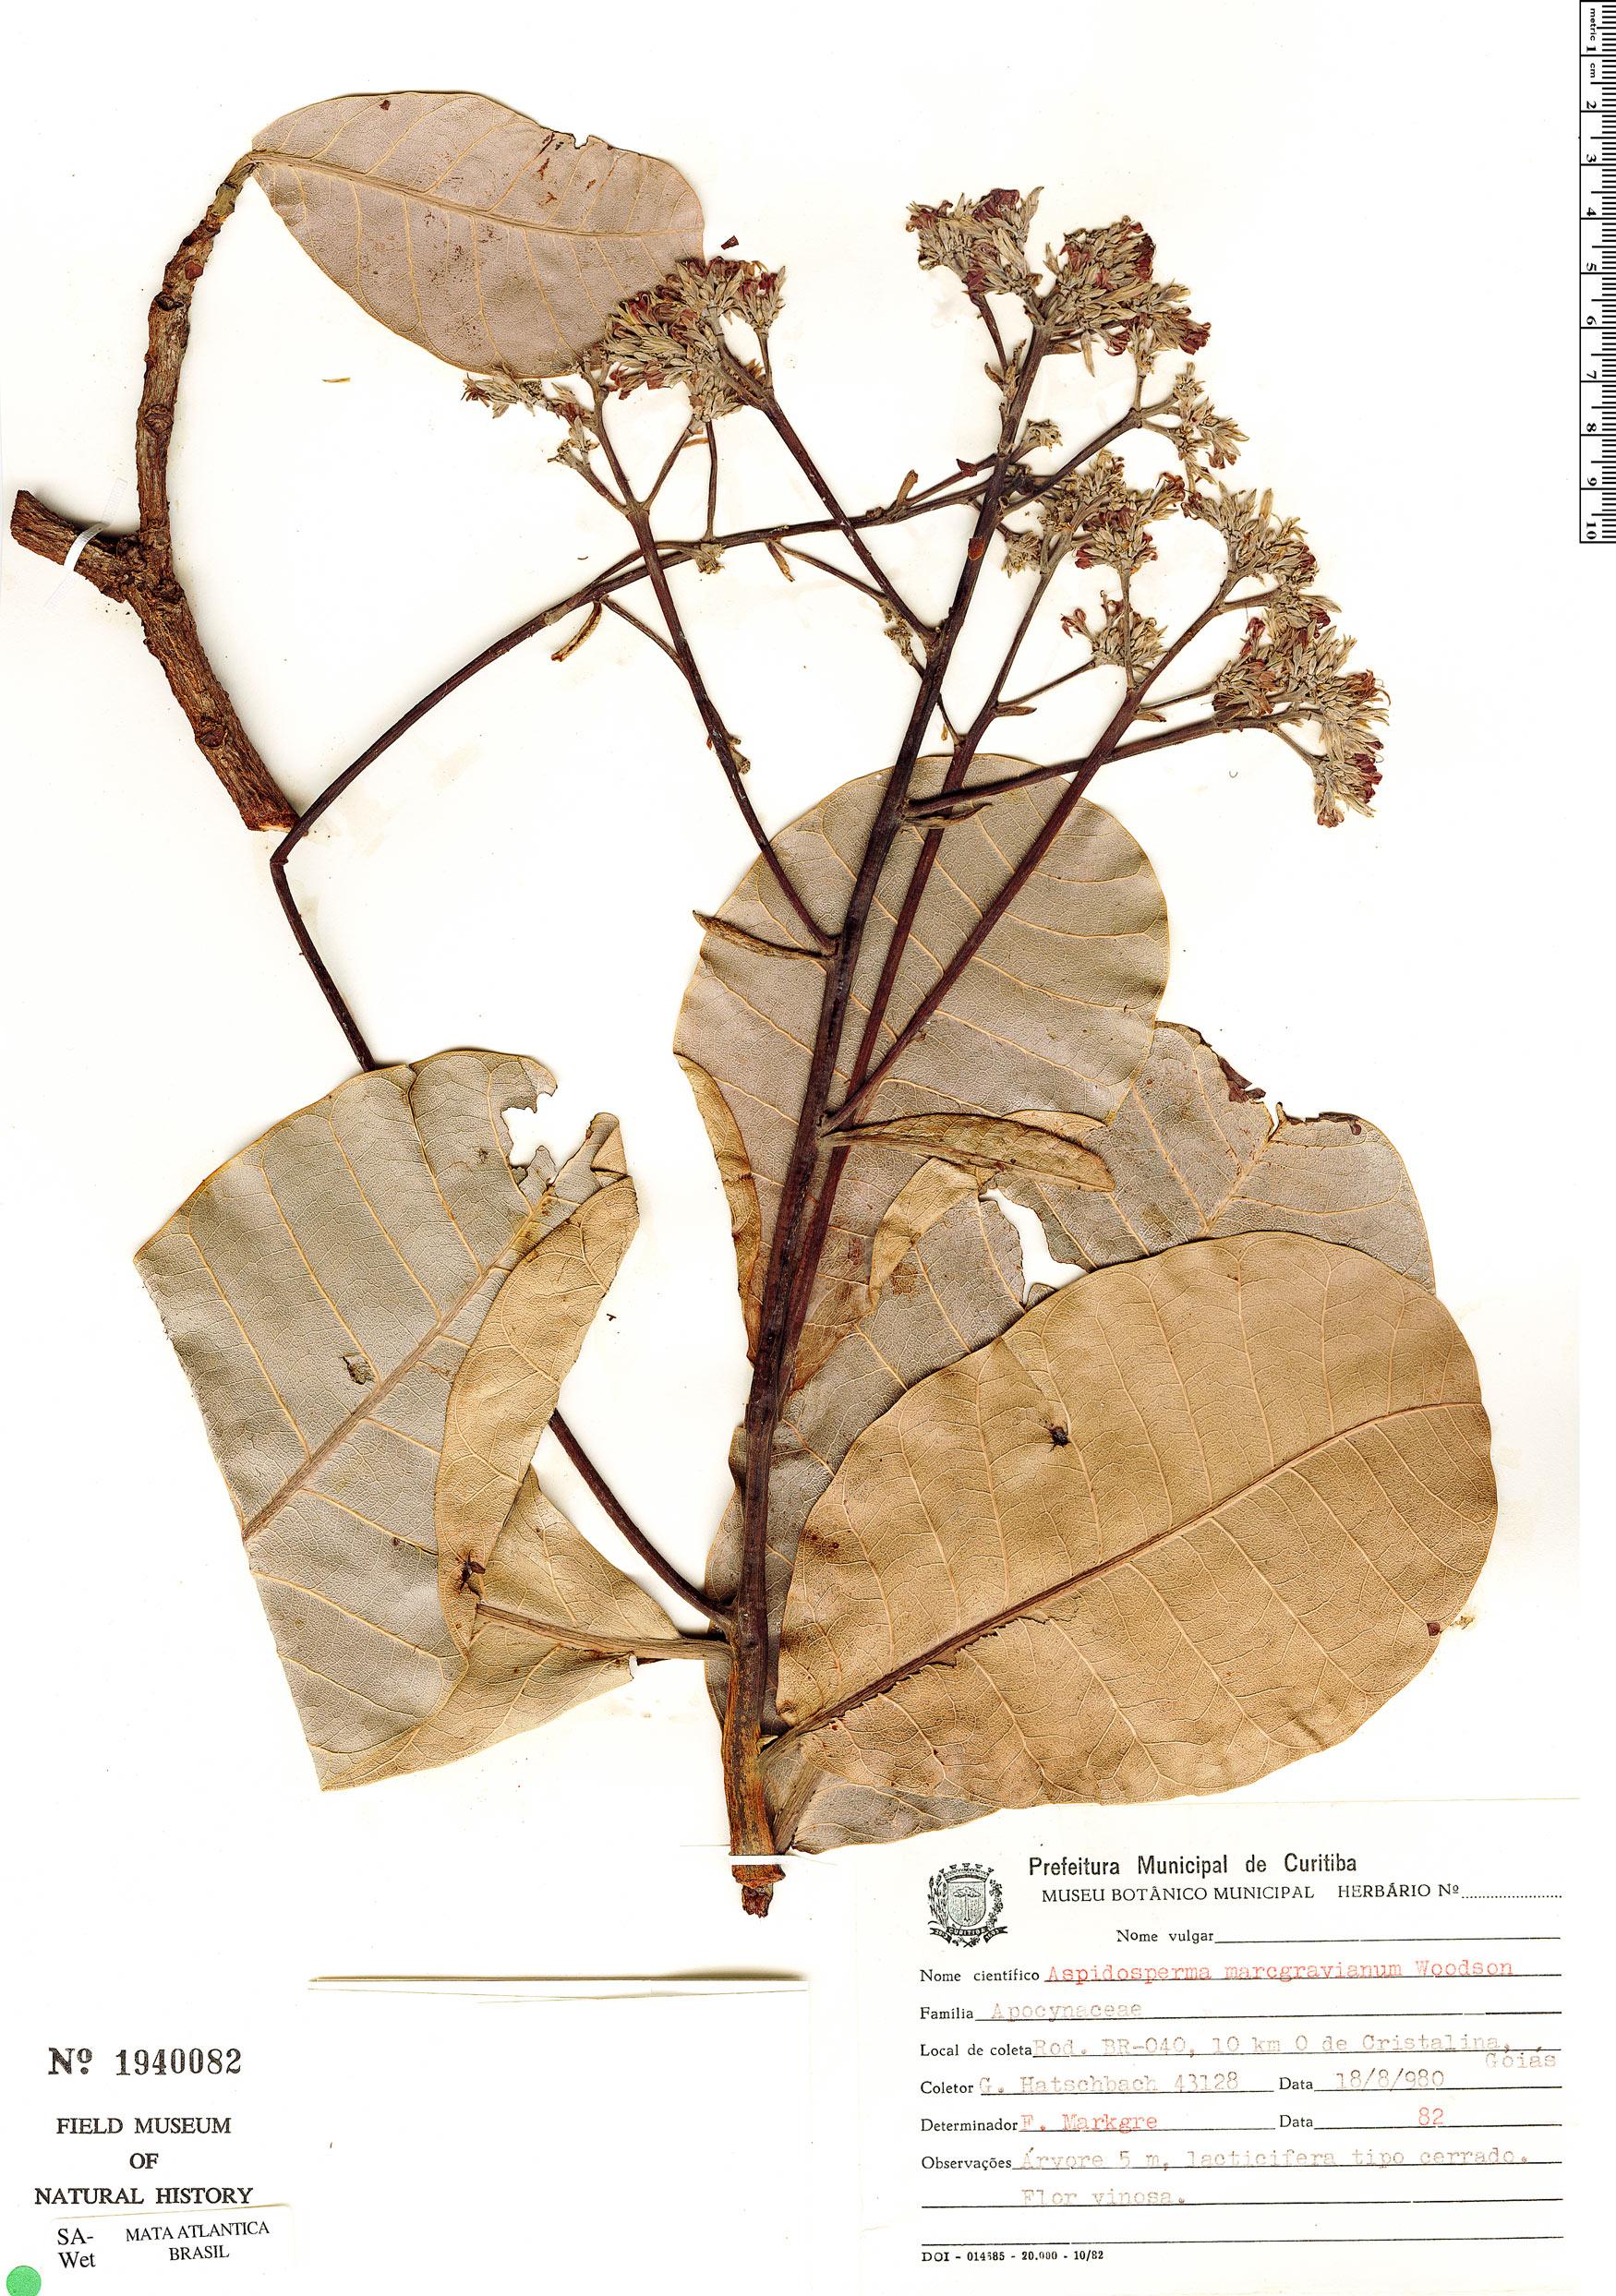 Specimen: Anacardium occidentale